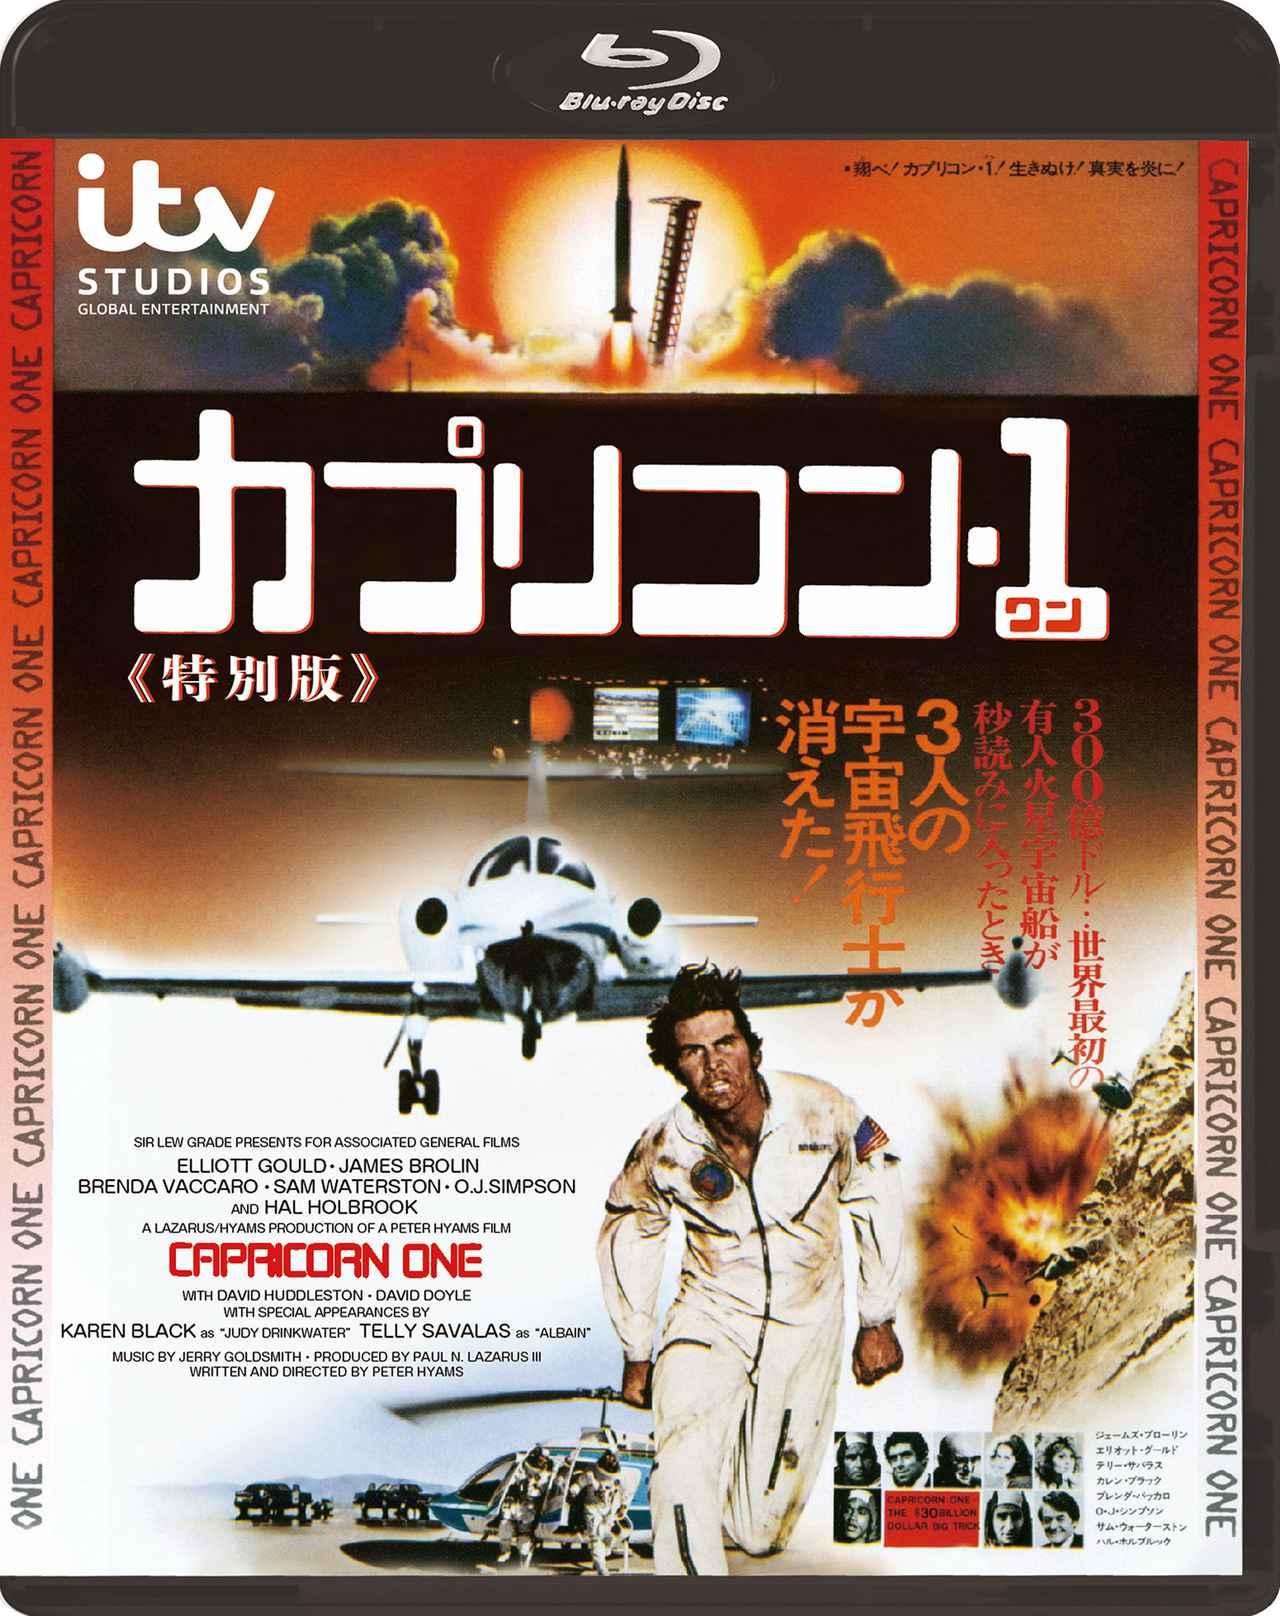 画像2: 【短期連載】70'sカルト映画を味わい尽くす!Vol.3「カプリコン・1《特別版》」